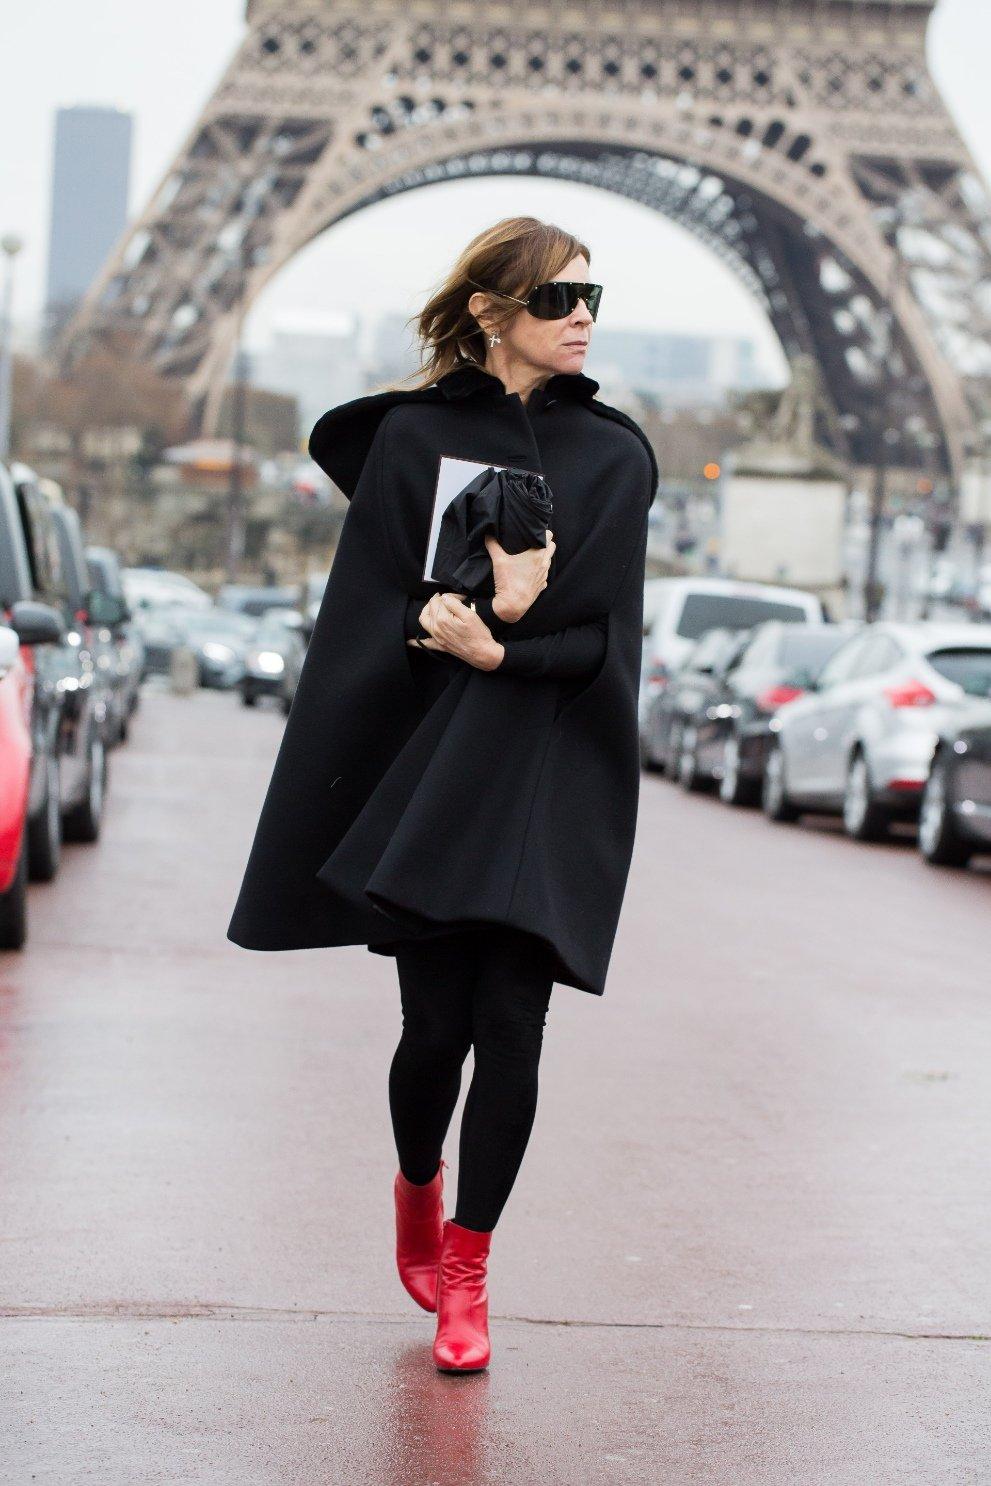 dress like a fashion editor